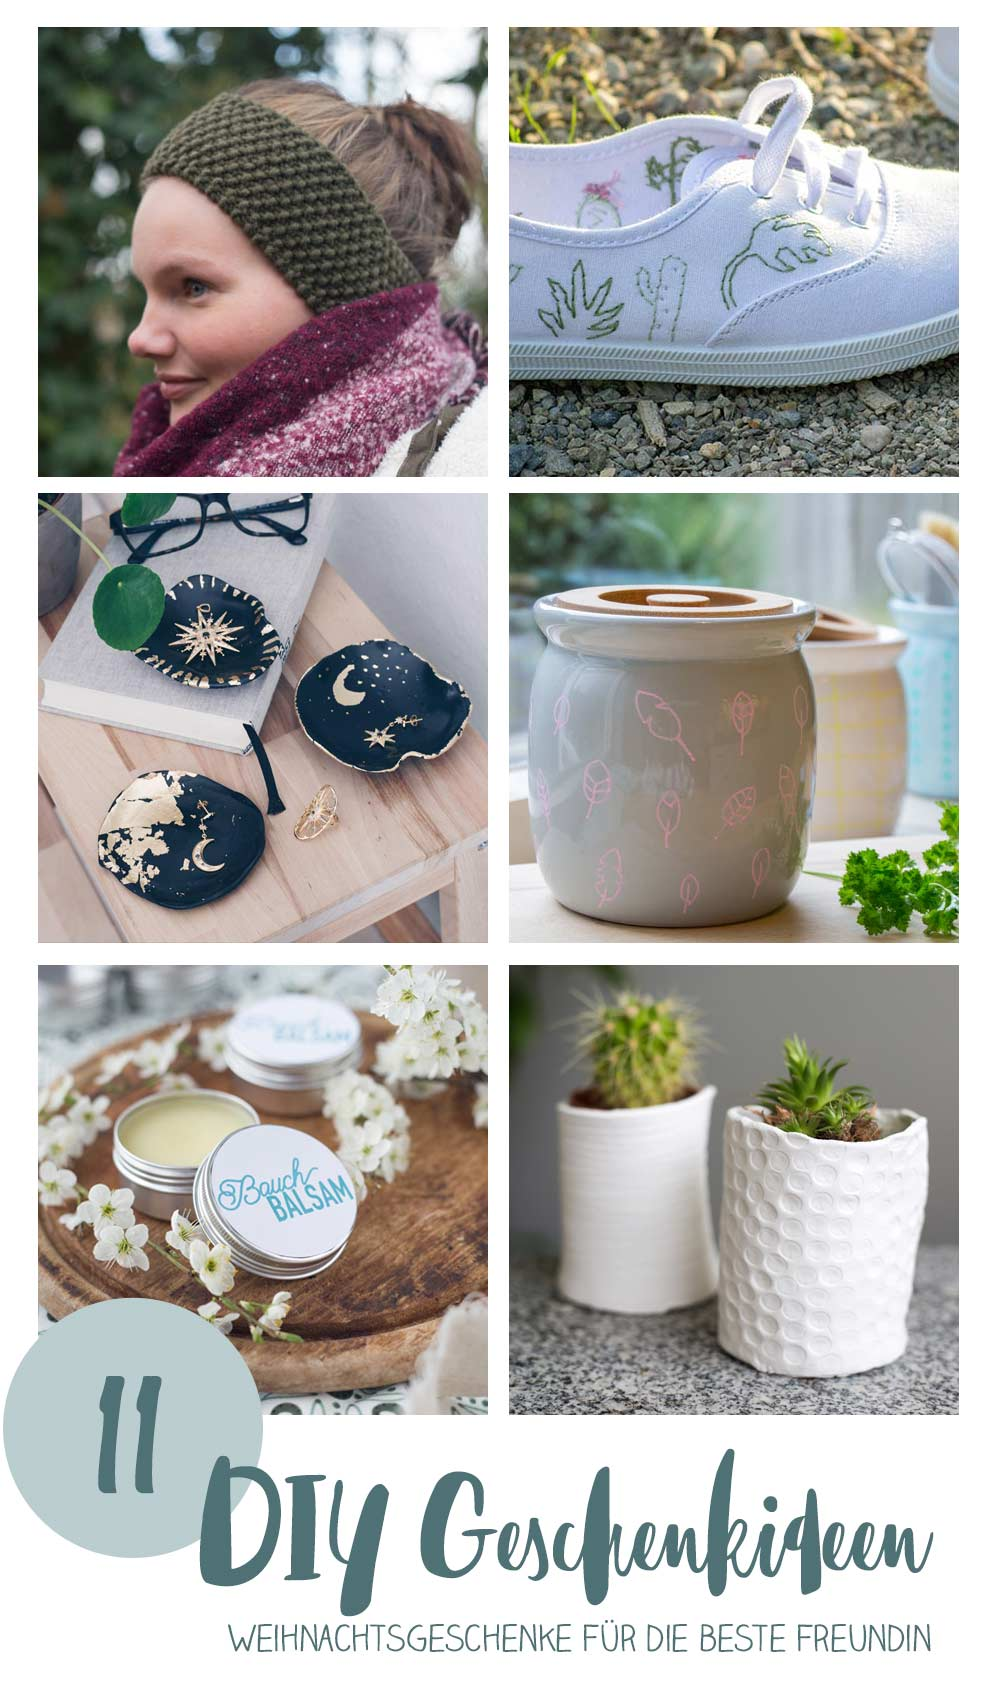 Die 11 schönsten DIY Geschenke für die beste Freundin zu Weihnachten